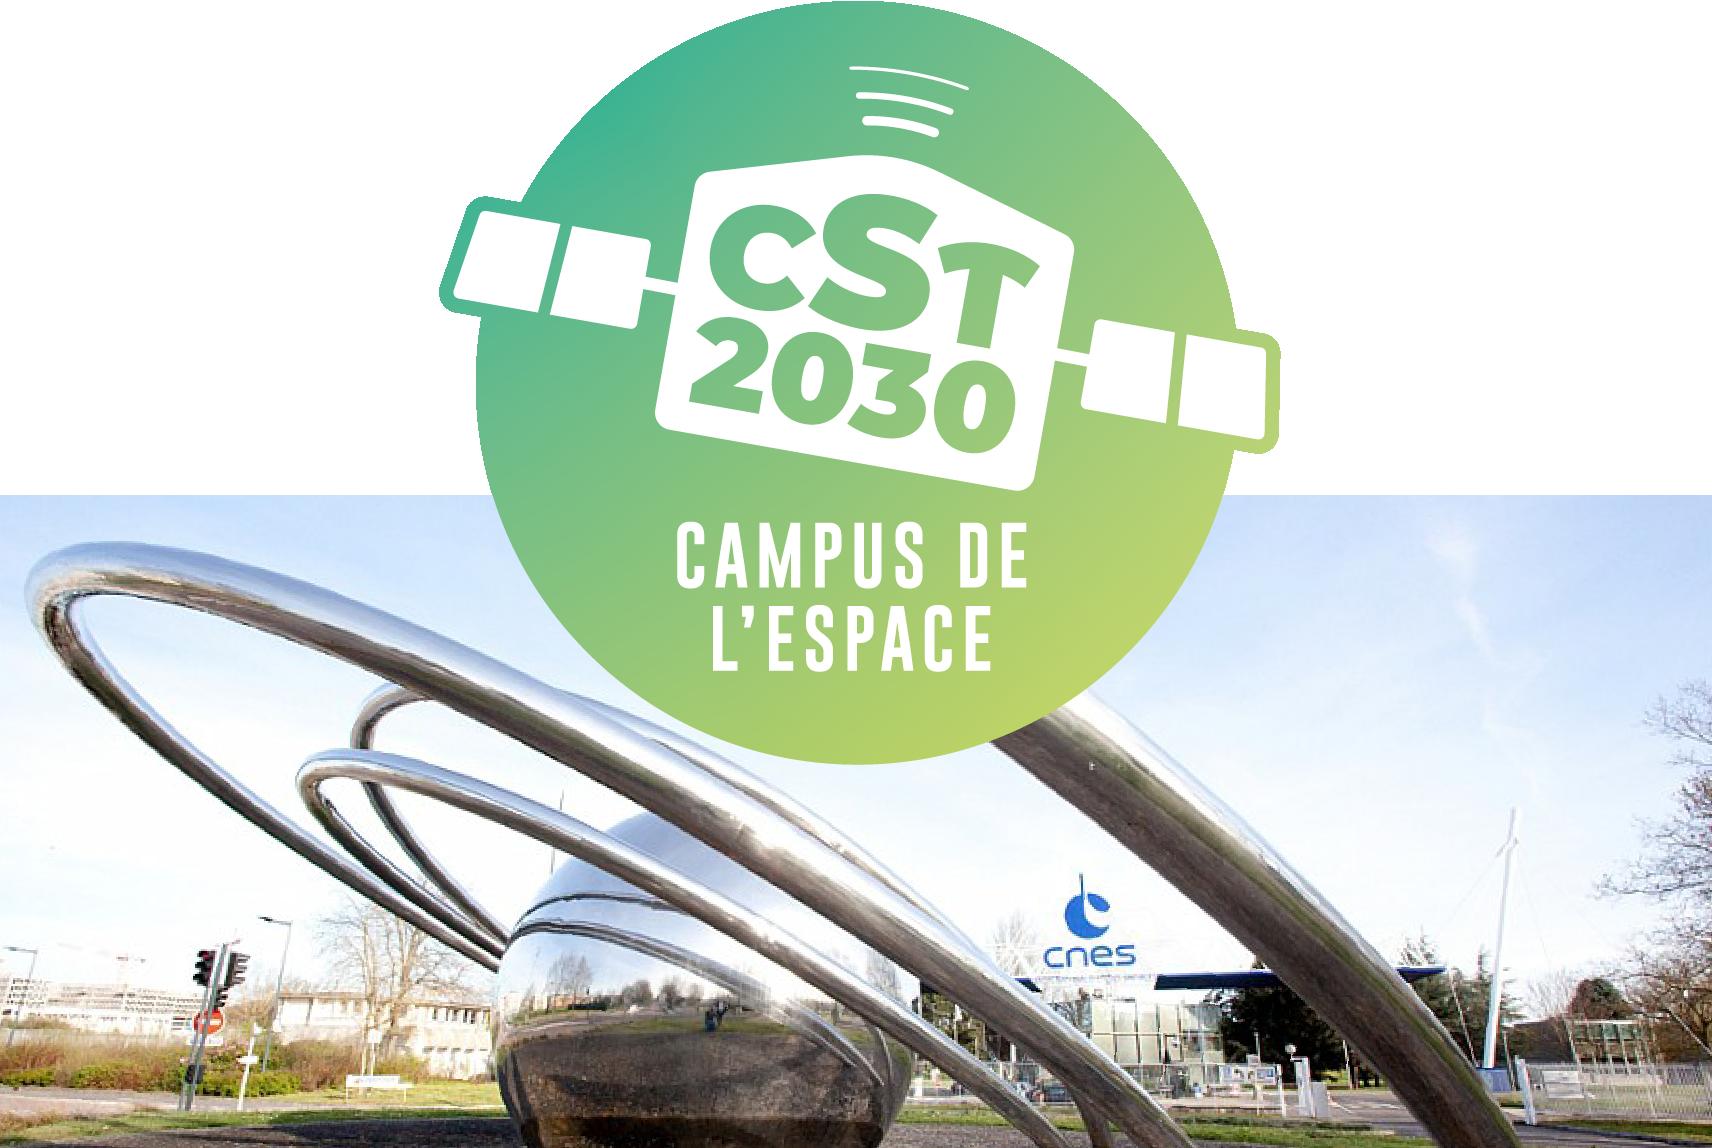 cst2030_banniere1.png